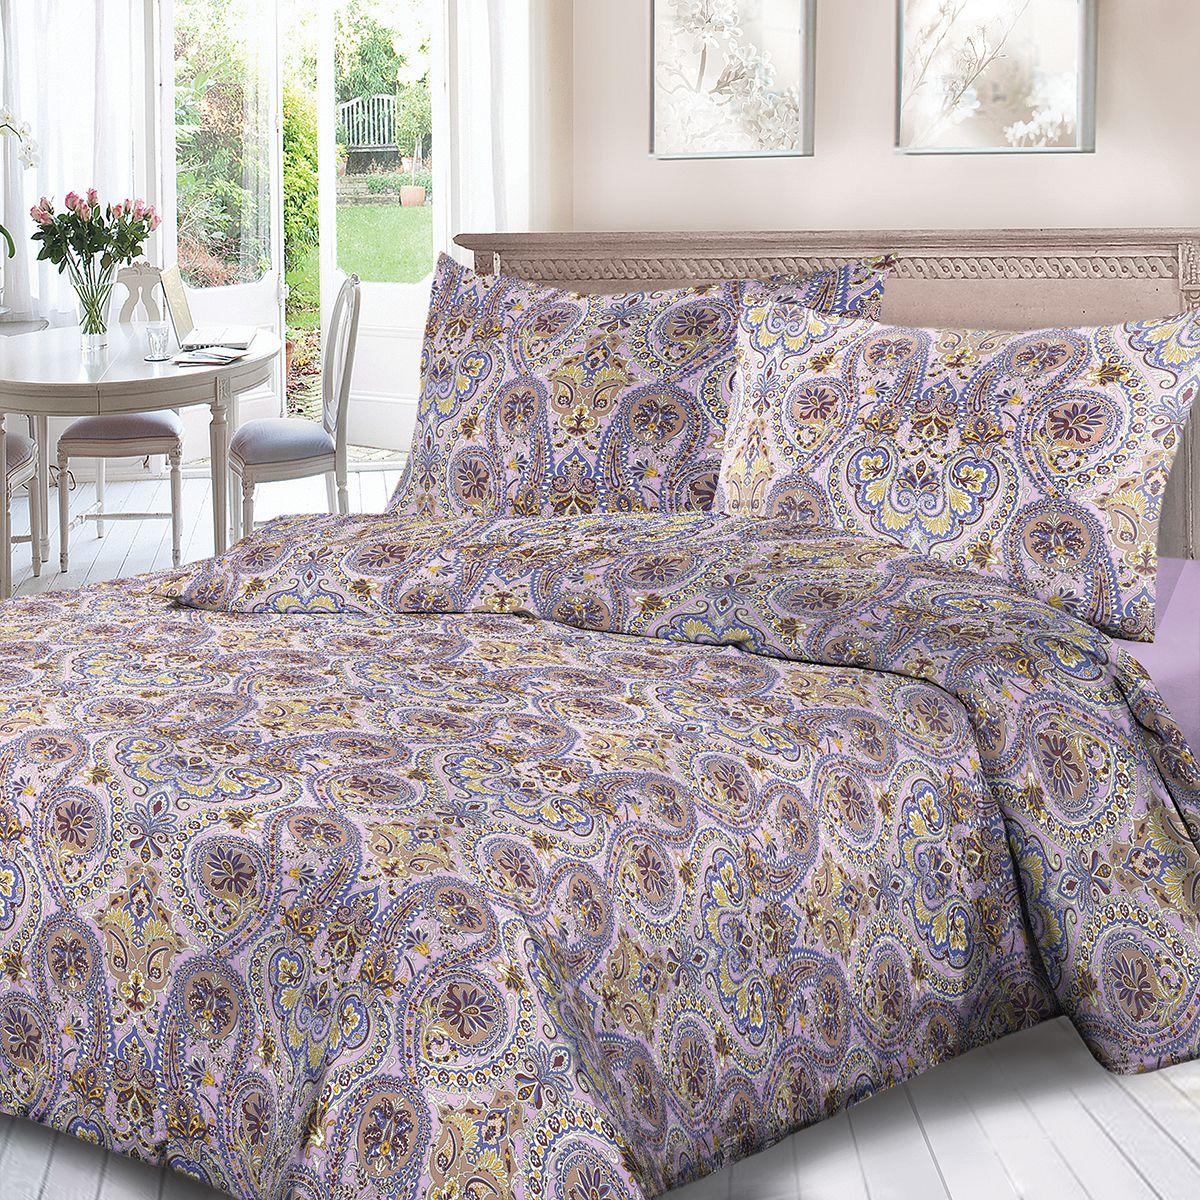 Комплект белья Для Снов Восточная сказка, 1,5 спальное, наволочки 70x70, цвет: сиреневый. 4078-186447